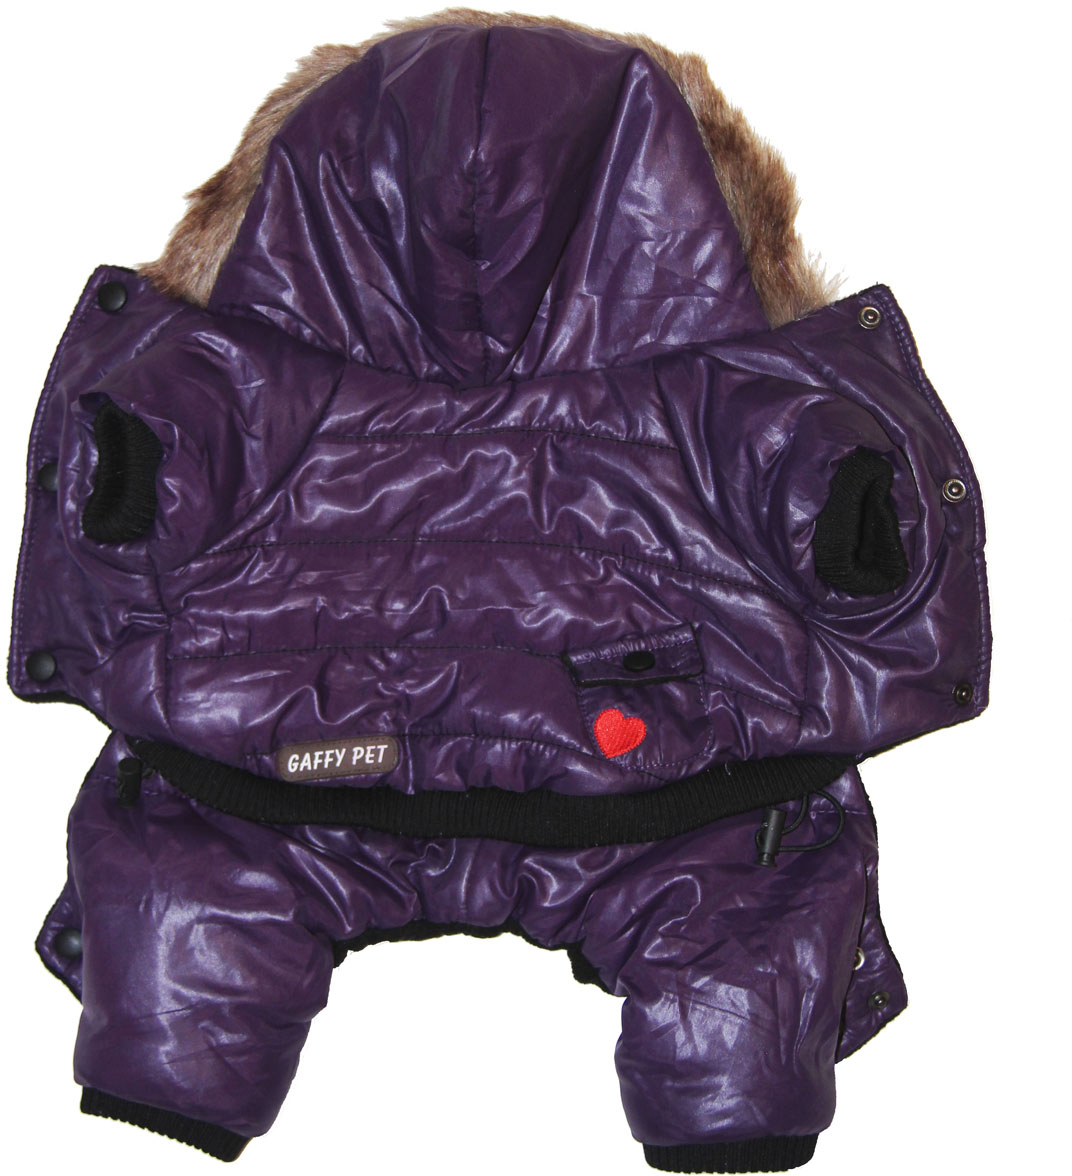 """Комбинезон для собак Gaffy Pet """"Heart"""", зимний, для мальчика, цвет: фиолетовый. Размер XL"""